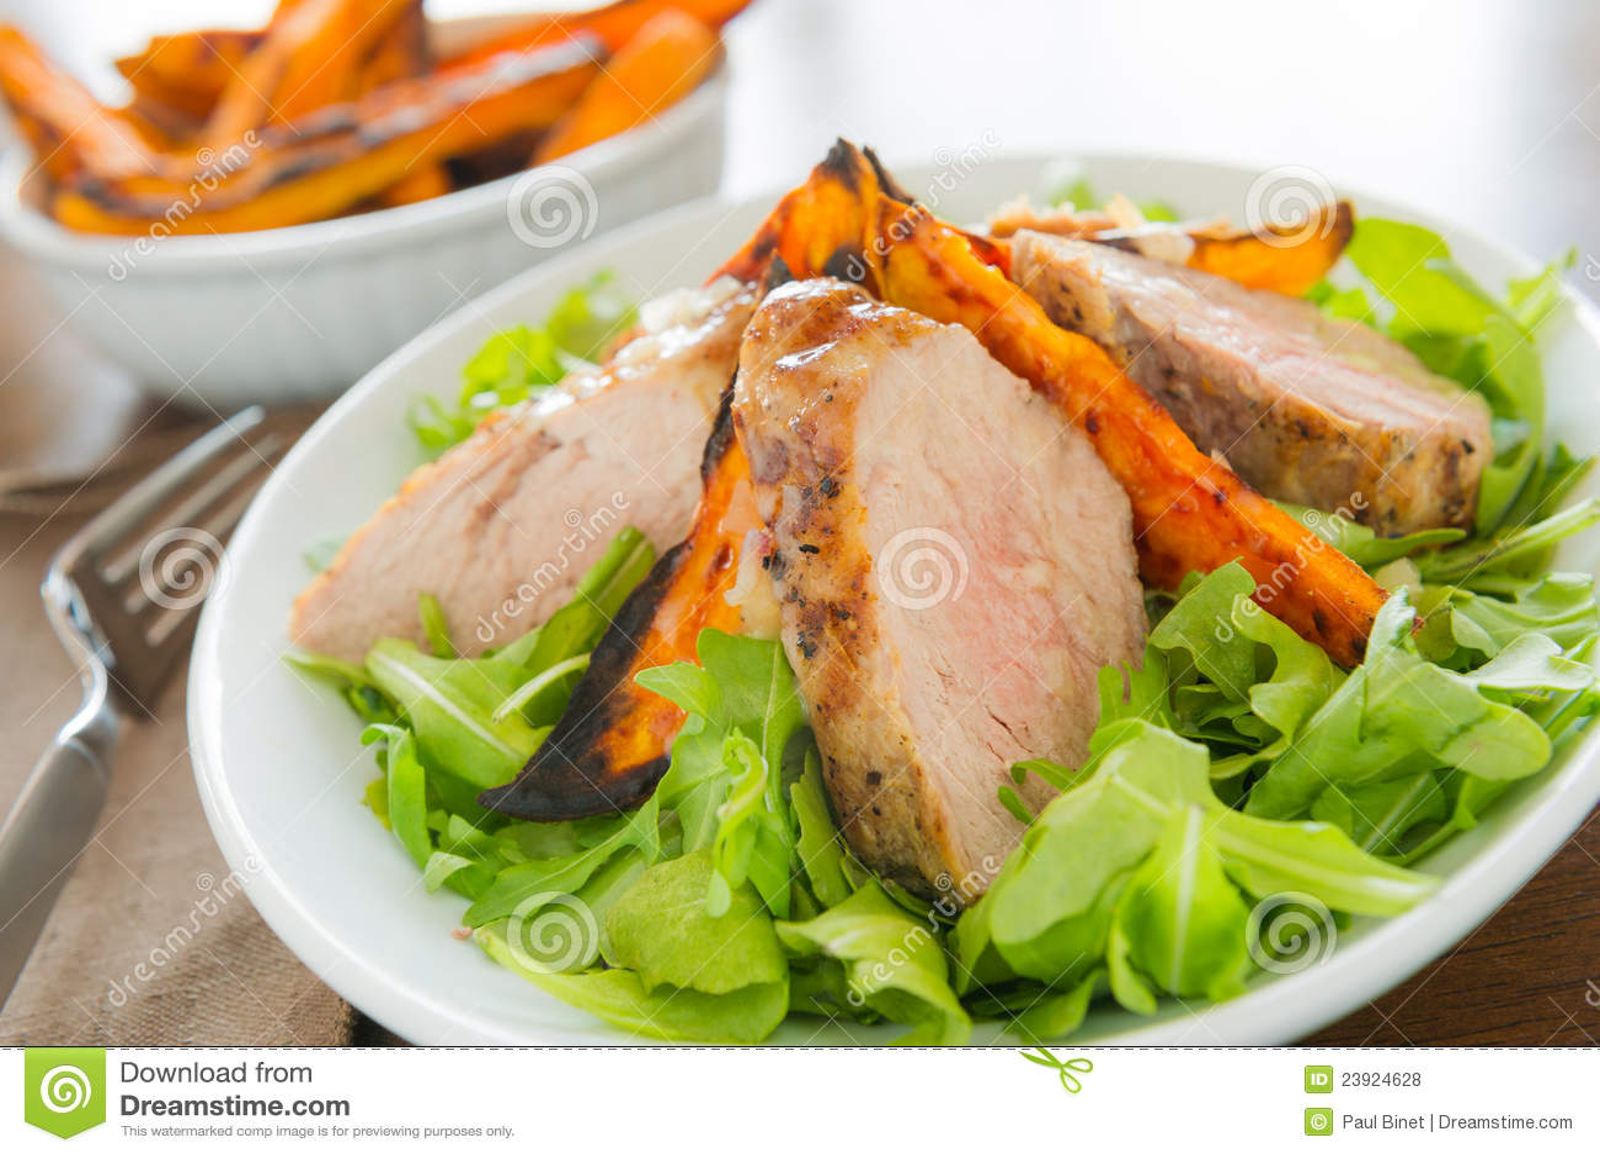 Healthy pork fillet meal